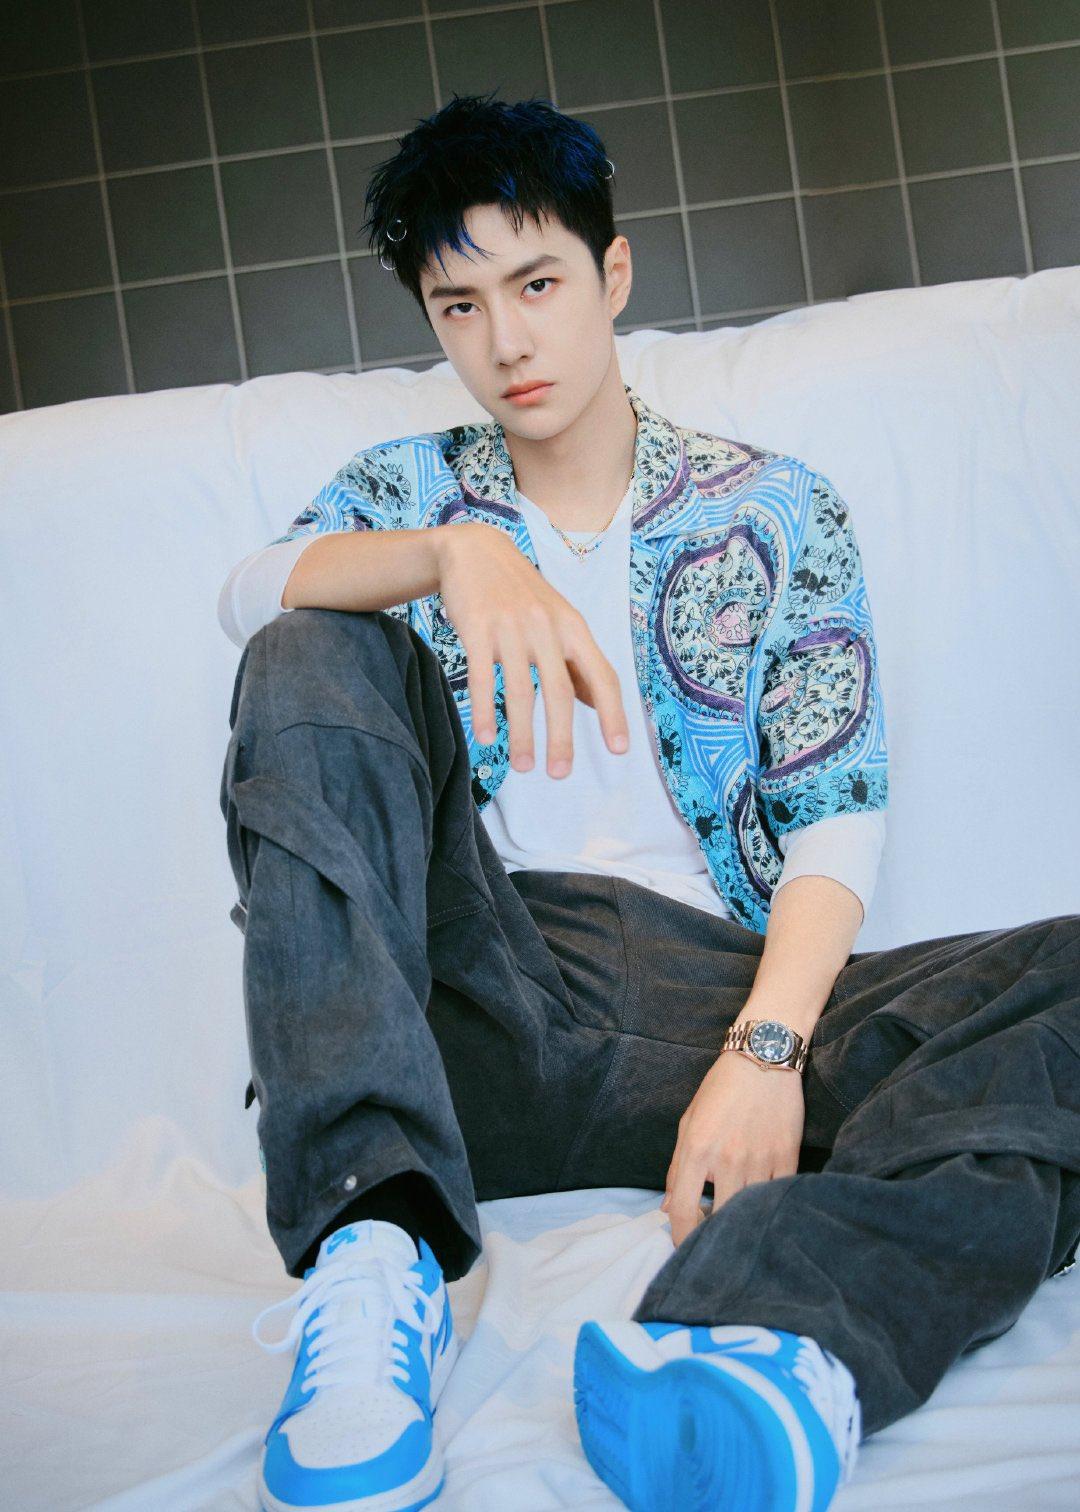 Wang Yi Bo